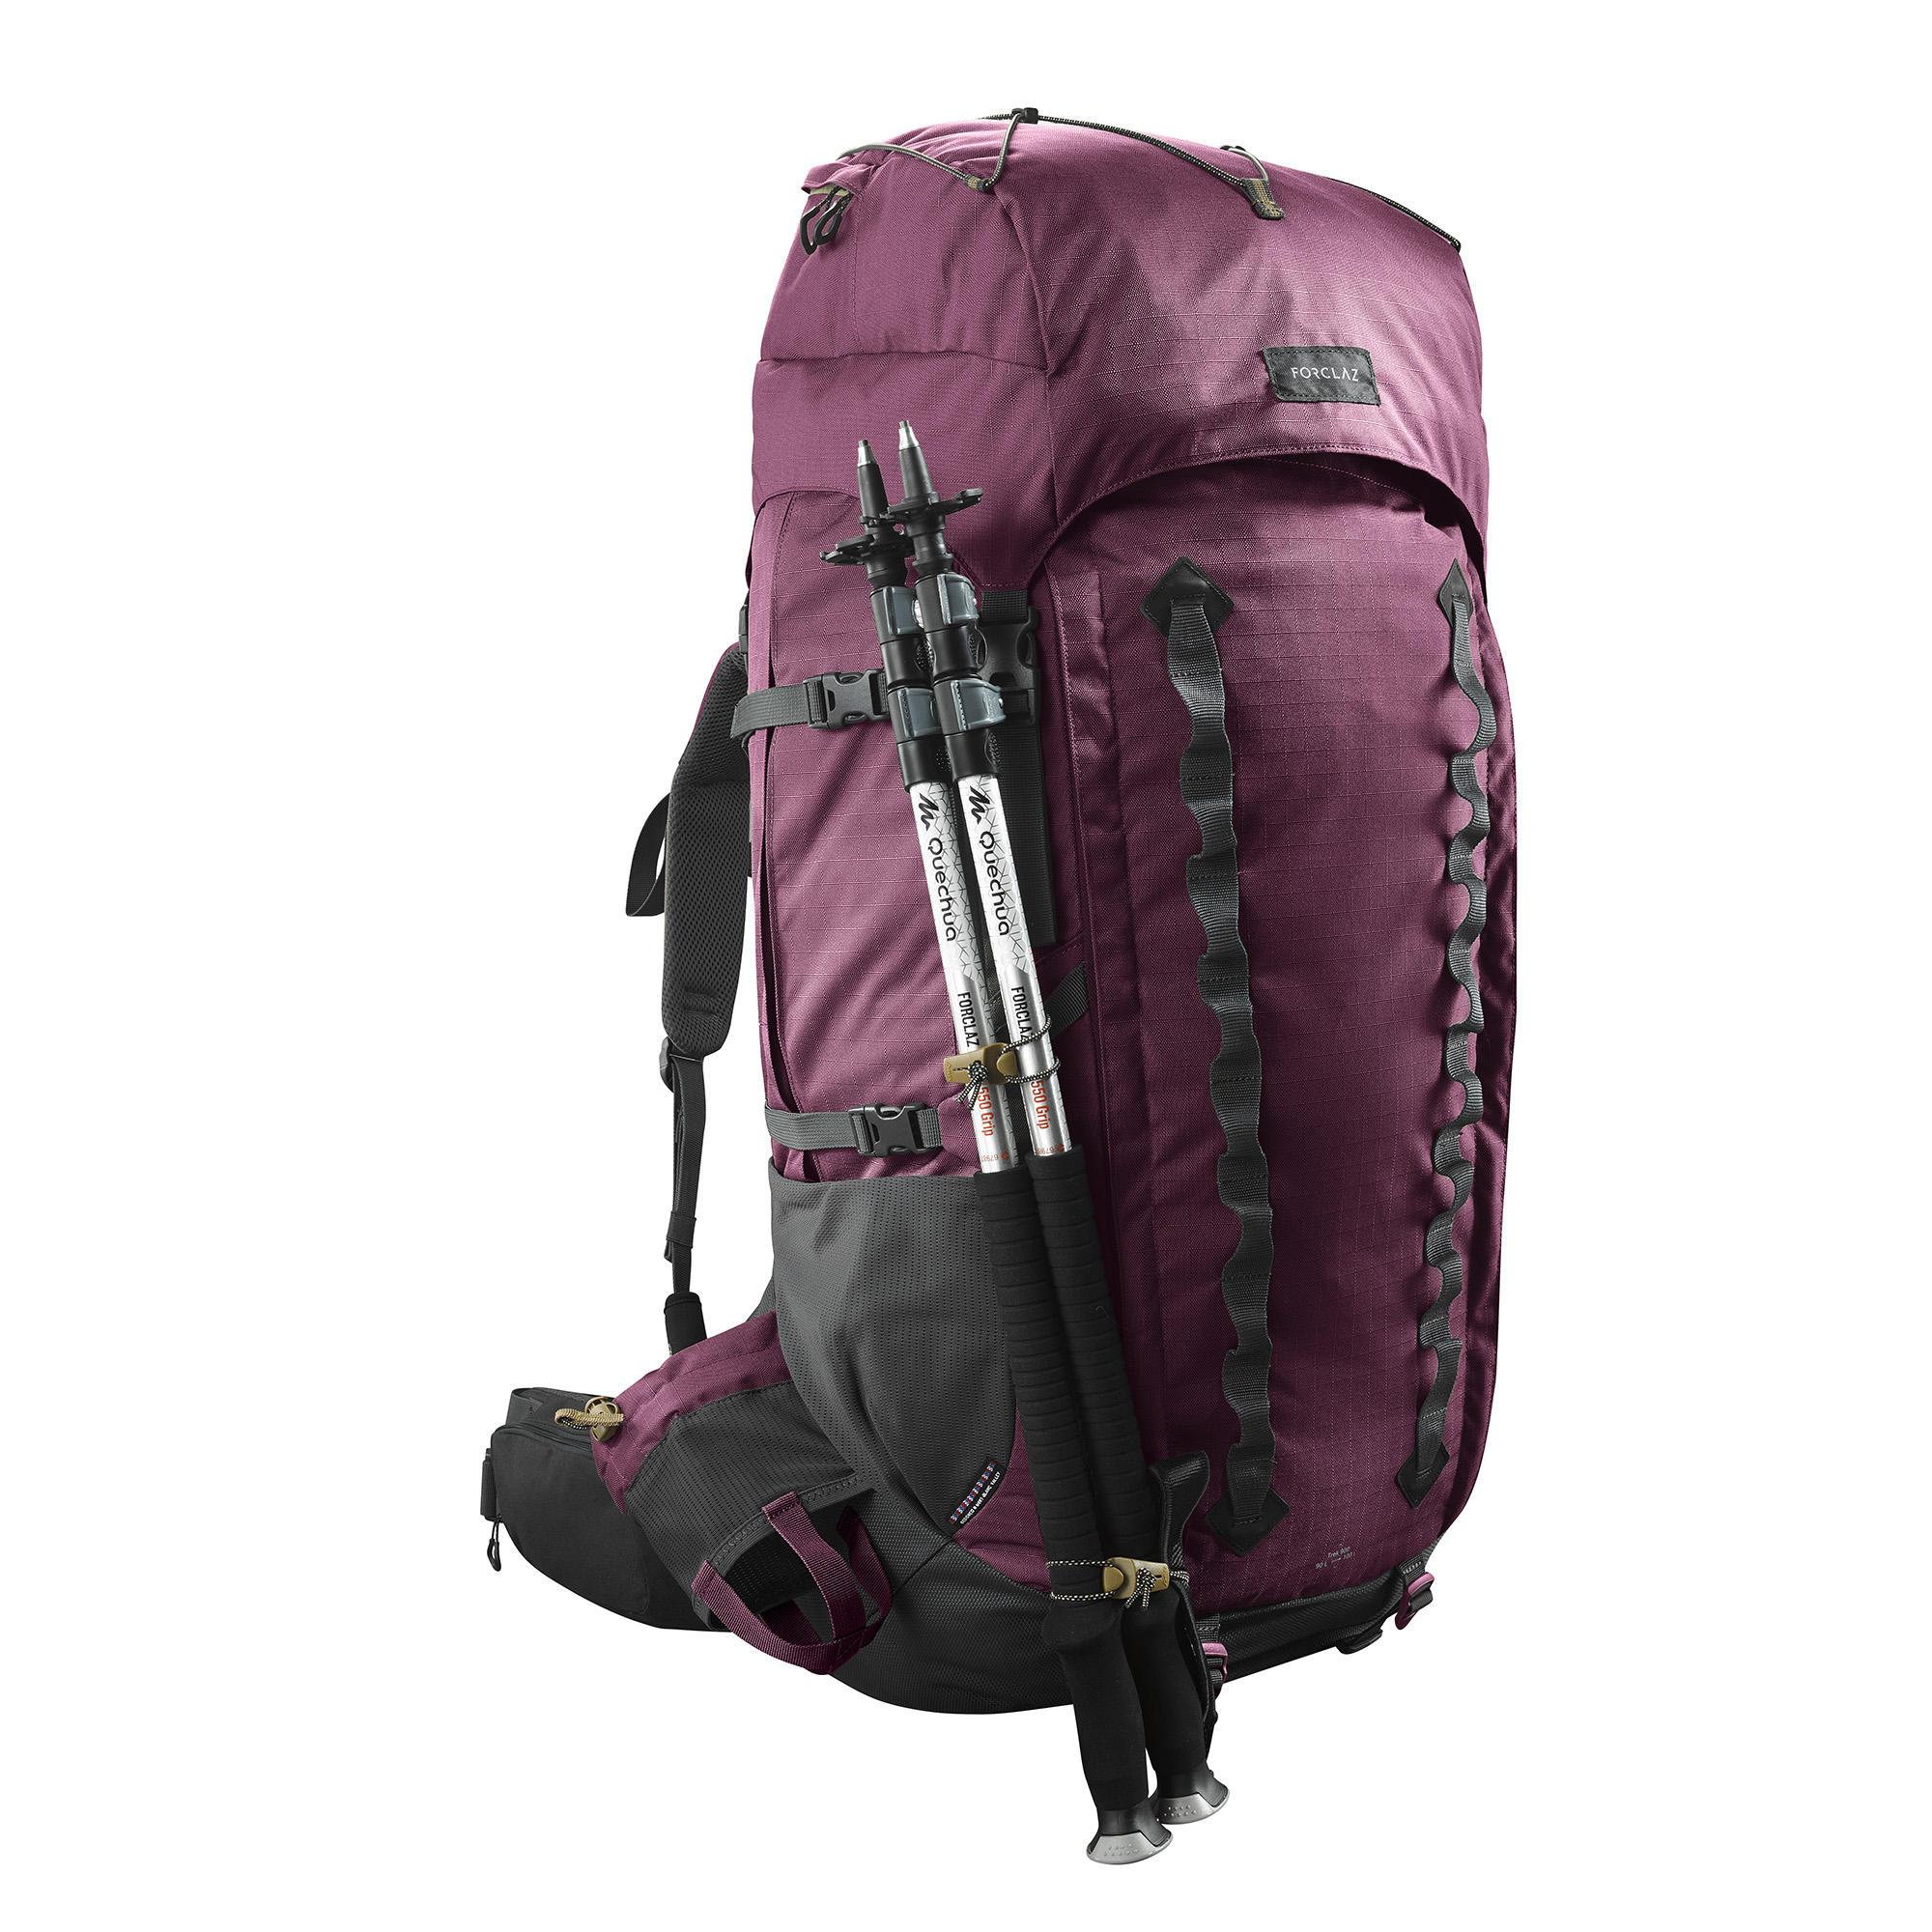 Rucksacks | Hiking & Camping Rucksacks | Decathlon